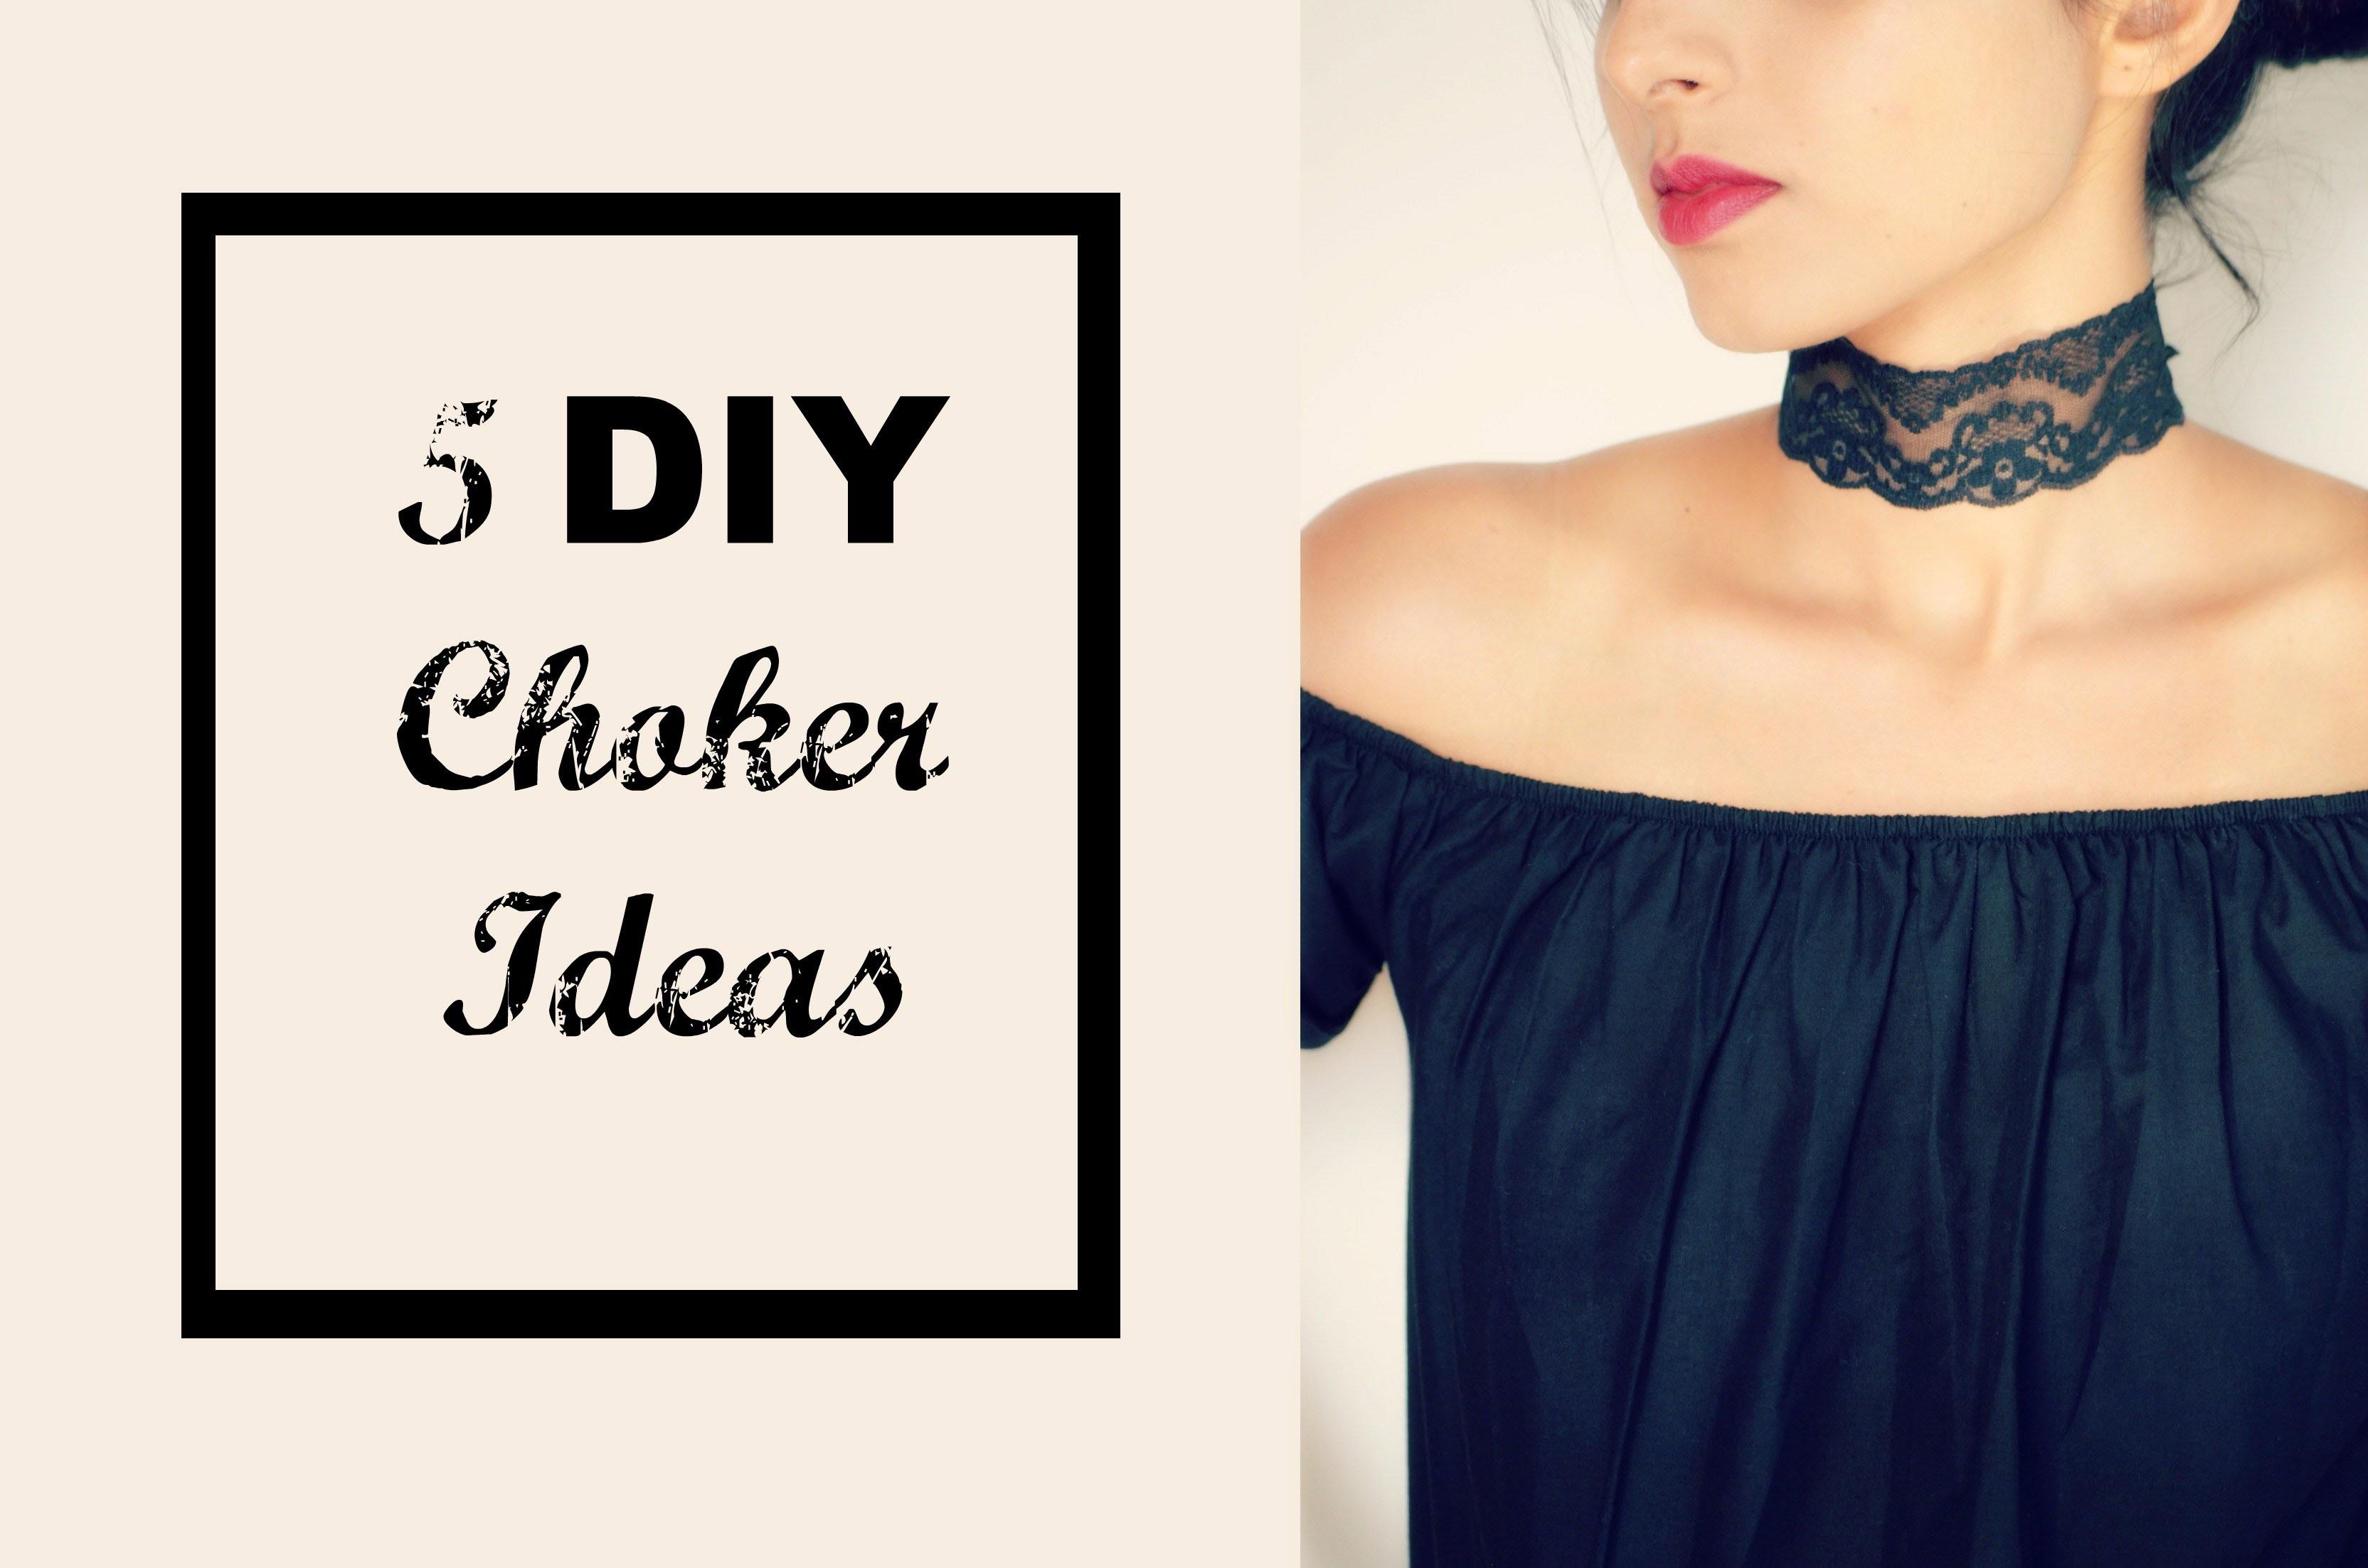 5 DIY Choker Ideas